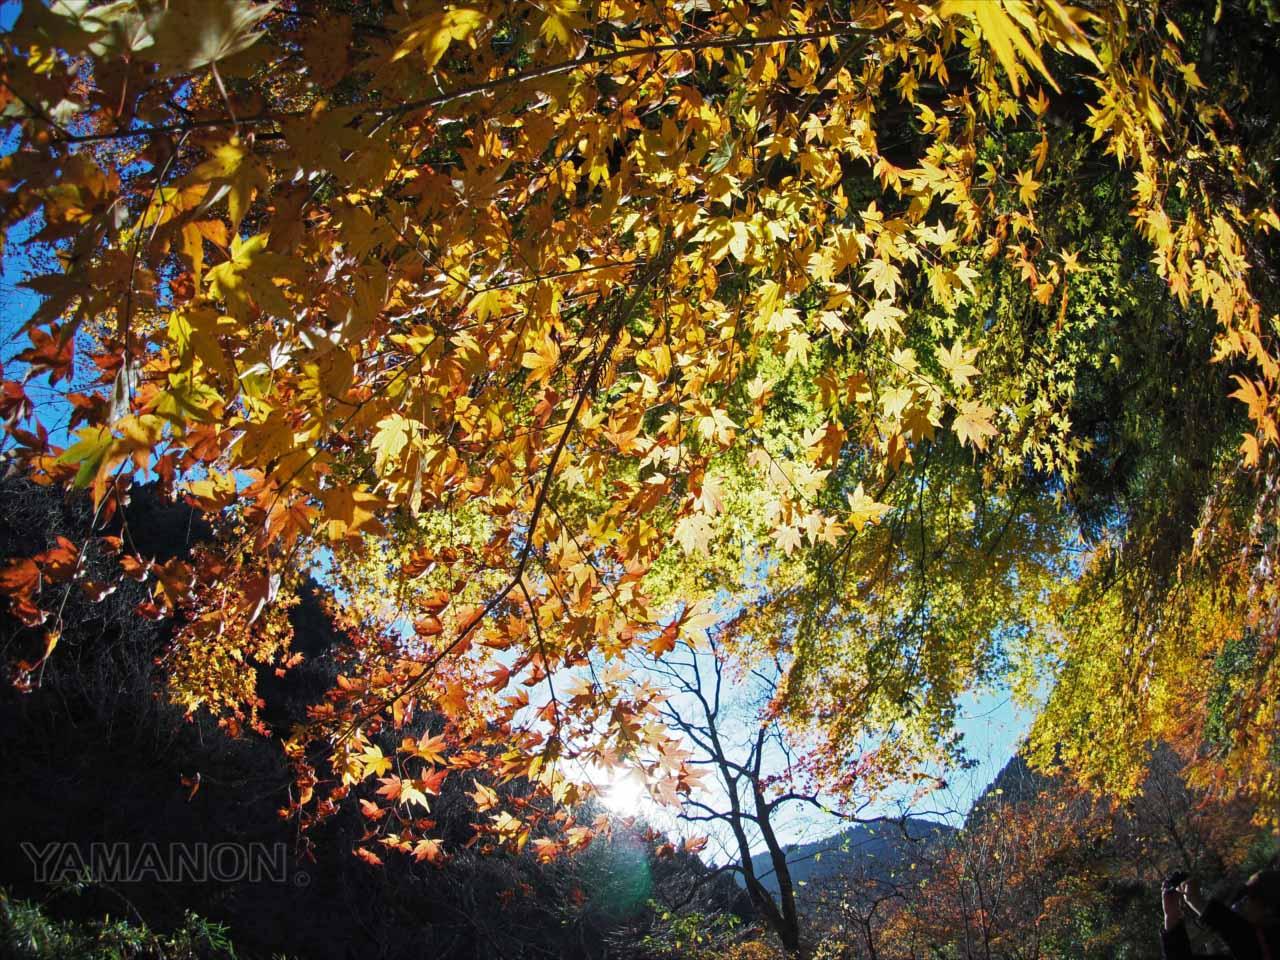 鮫川・龍神峡(いわき)の紅葉